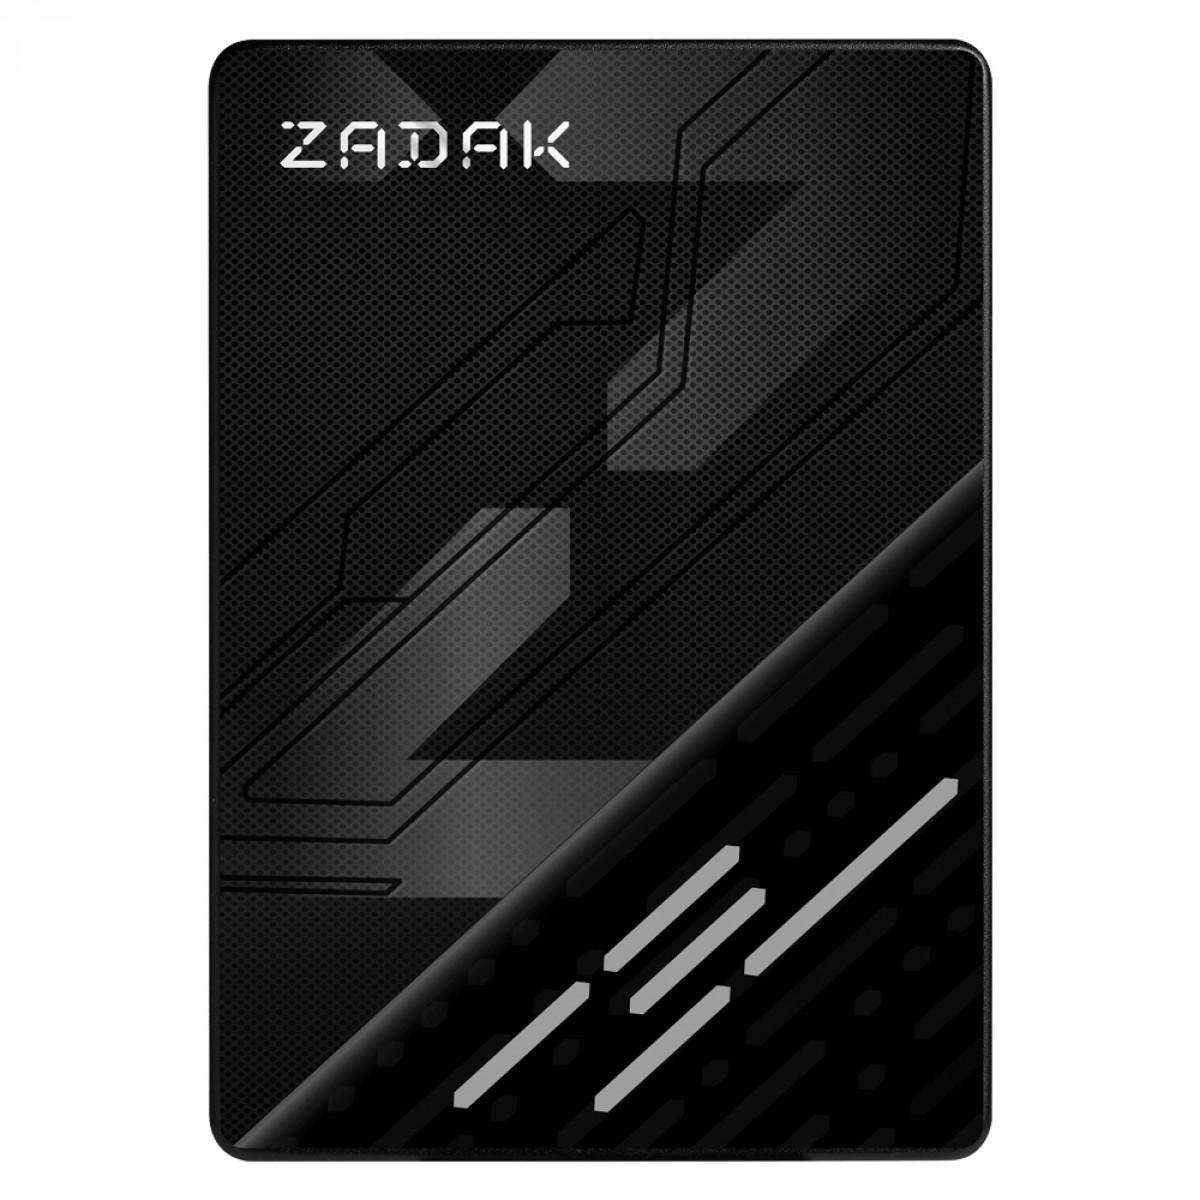 SSD Zadak TWSS3, 128GB, Sata III, Leitura 560MB/s e Gravação 540MB/s, ZS128GTWSS3-1